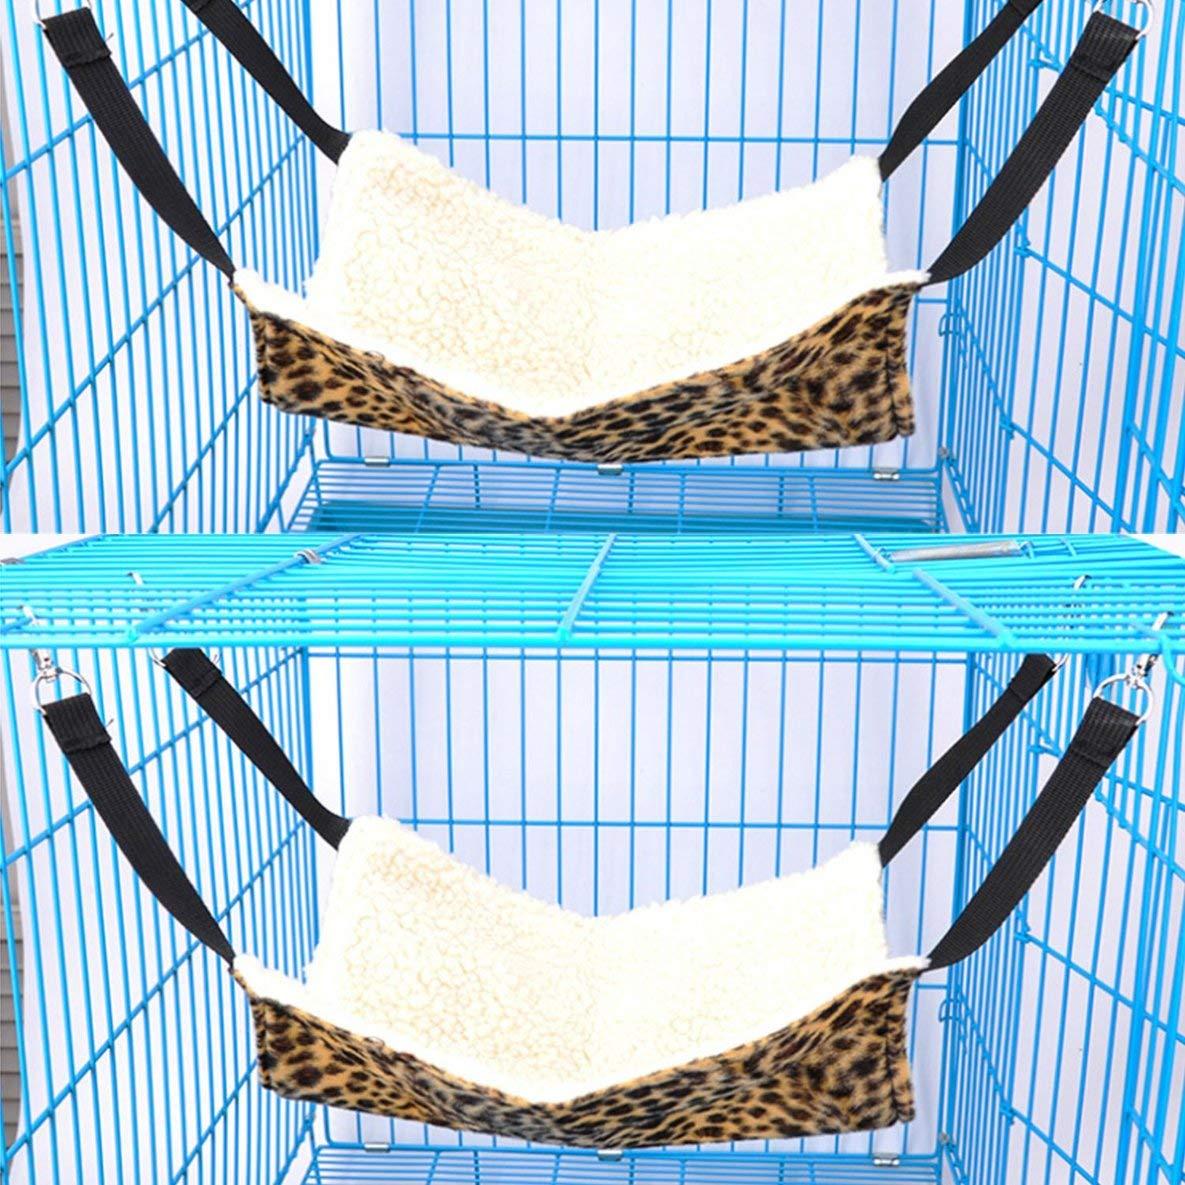 gfjfghfjfh Amaca con Amaca Imbottita Amaca per Animali con Stampa Leopardo Letto con amache per Gatti Comodo Lettino per Animali Domestici Amache per Dormire e per riposare